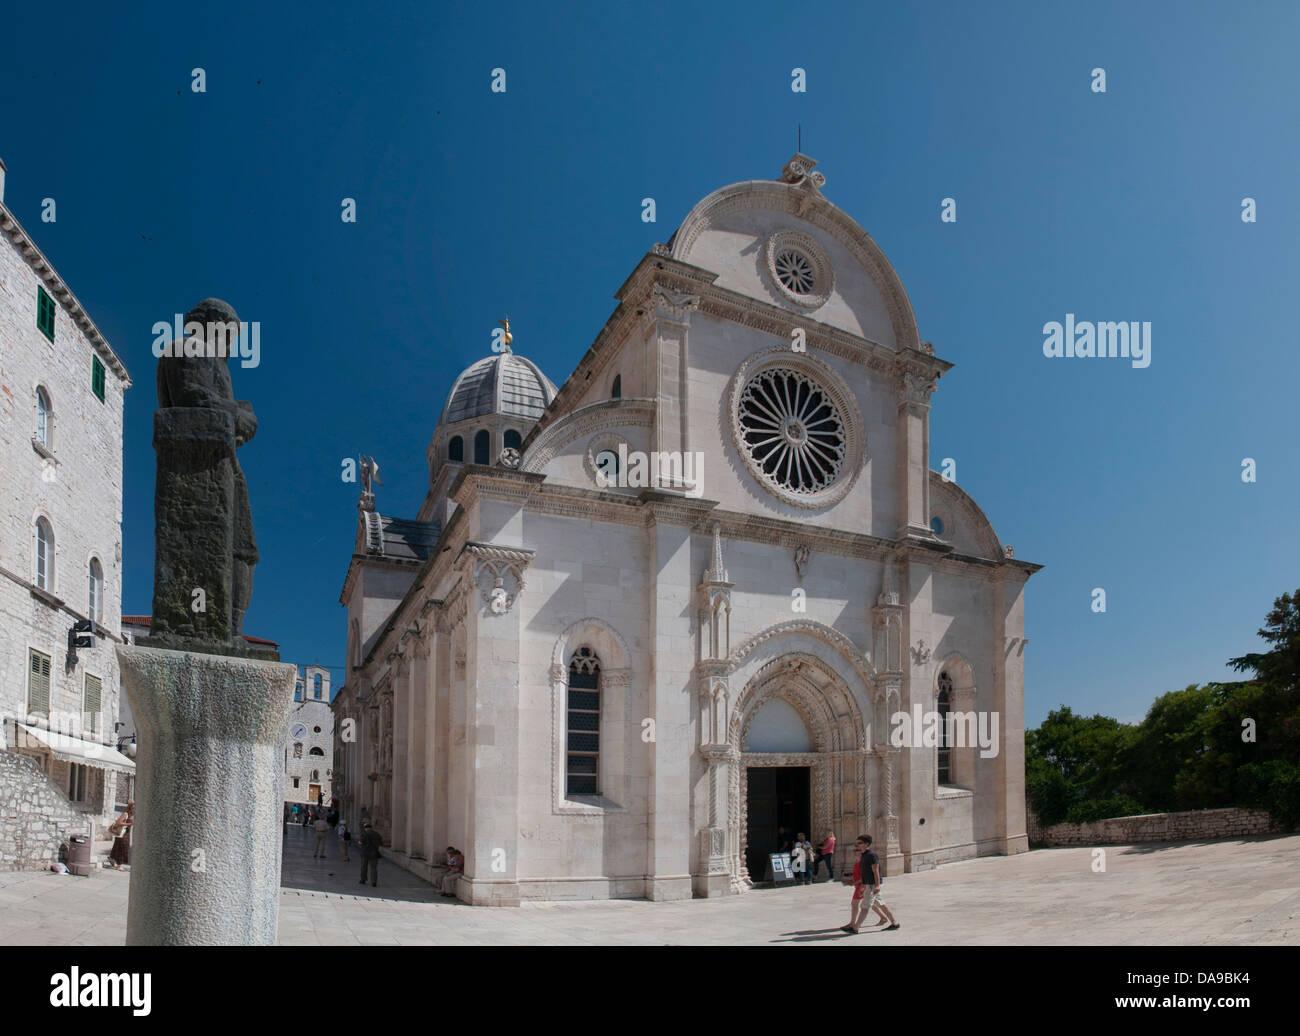 Dalmatinac Stock Photos & Dalmatinac Stock Images - Alamy